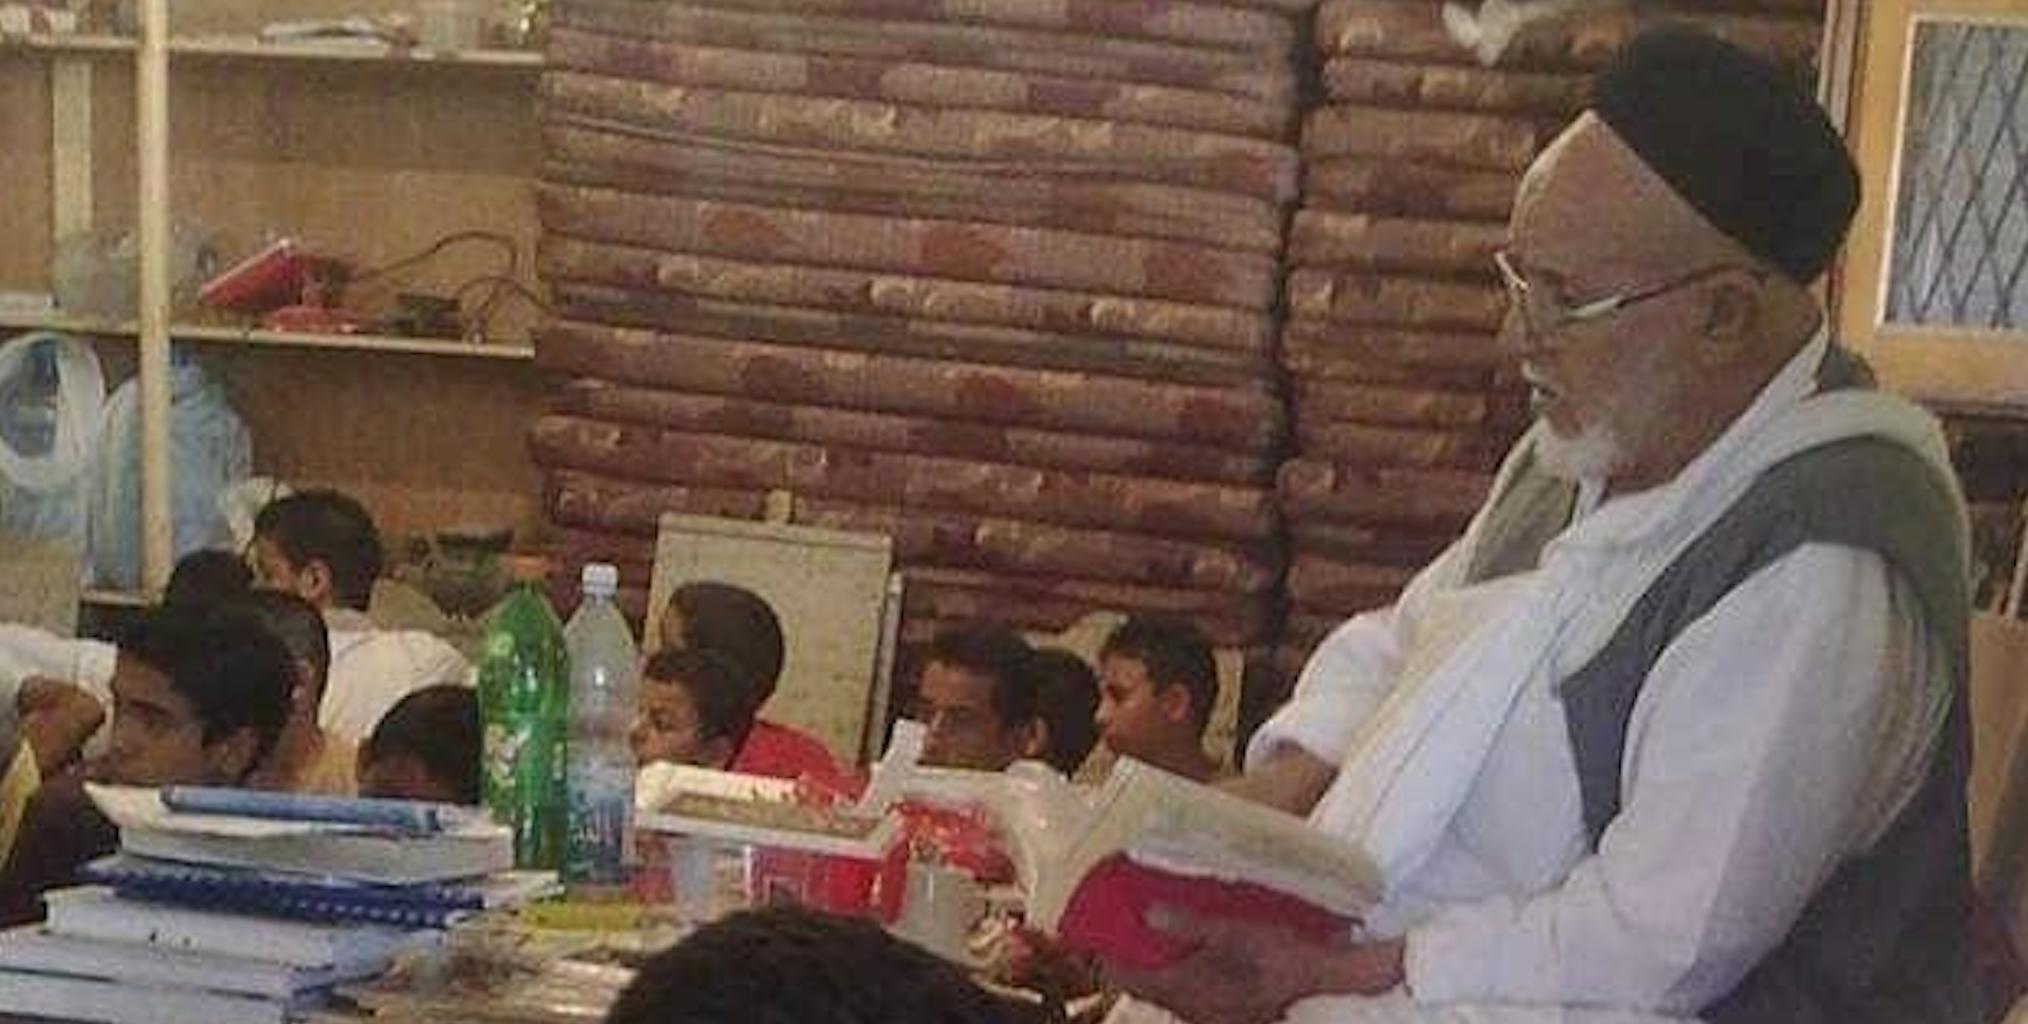 الشيخ عريبي سيرة حافلة بالعطاء الديني